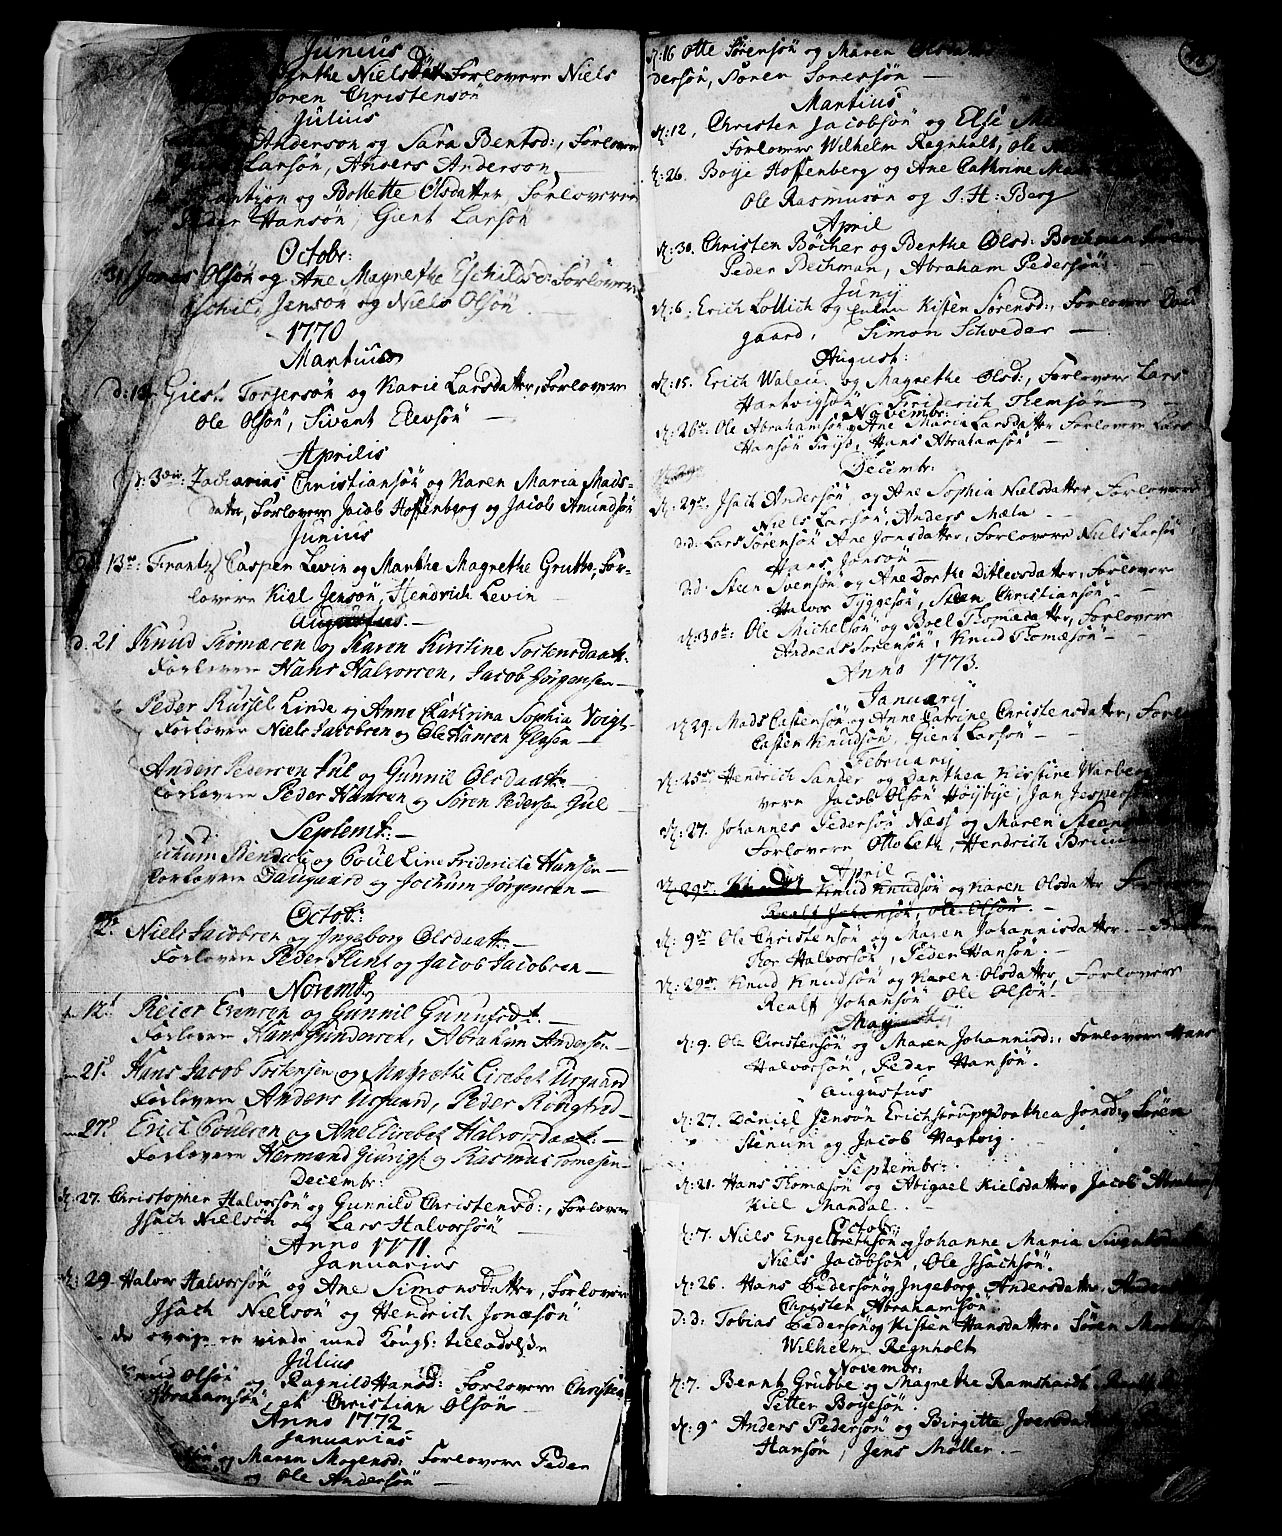 SAKO, Skien kirkebøker, G/Ga/L0001: Klokkerbok nr. 1, 1756-1791, s. 22